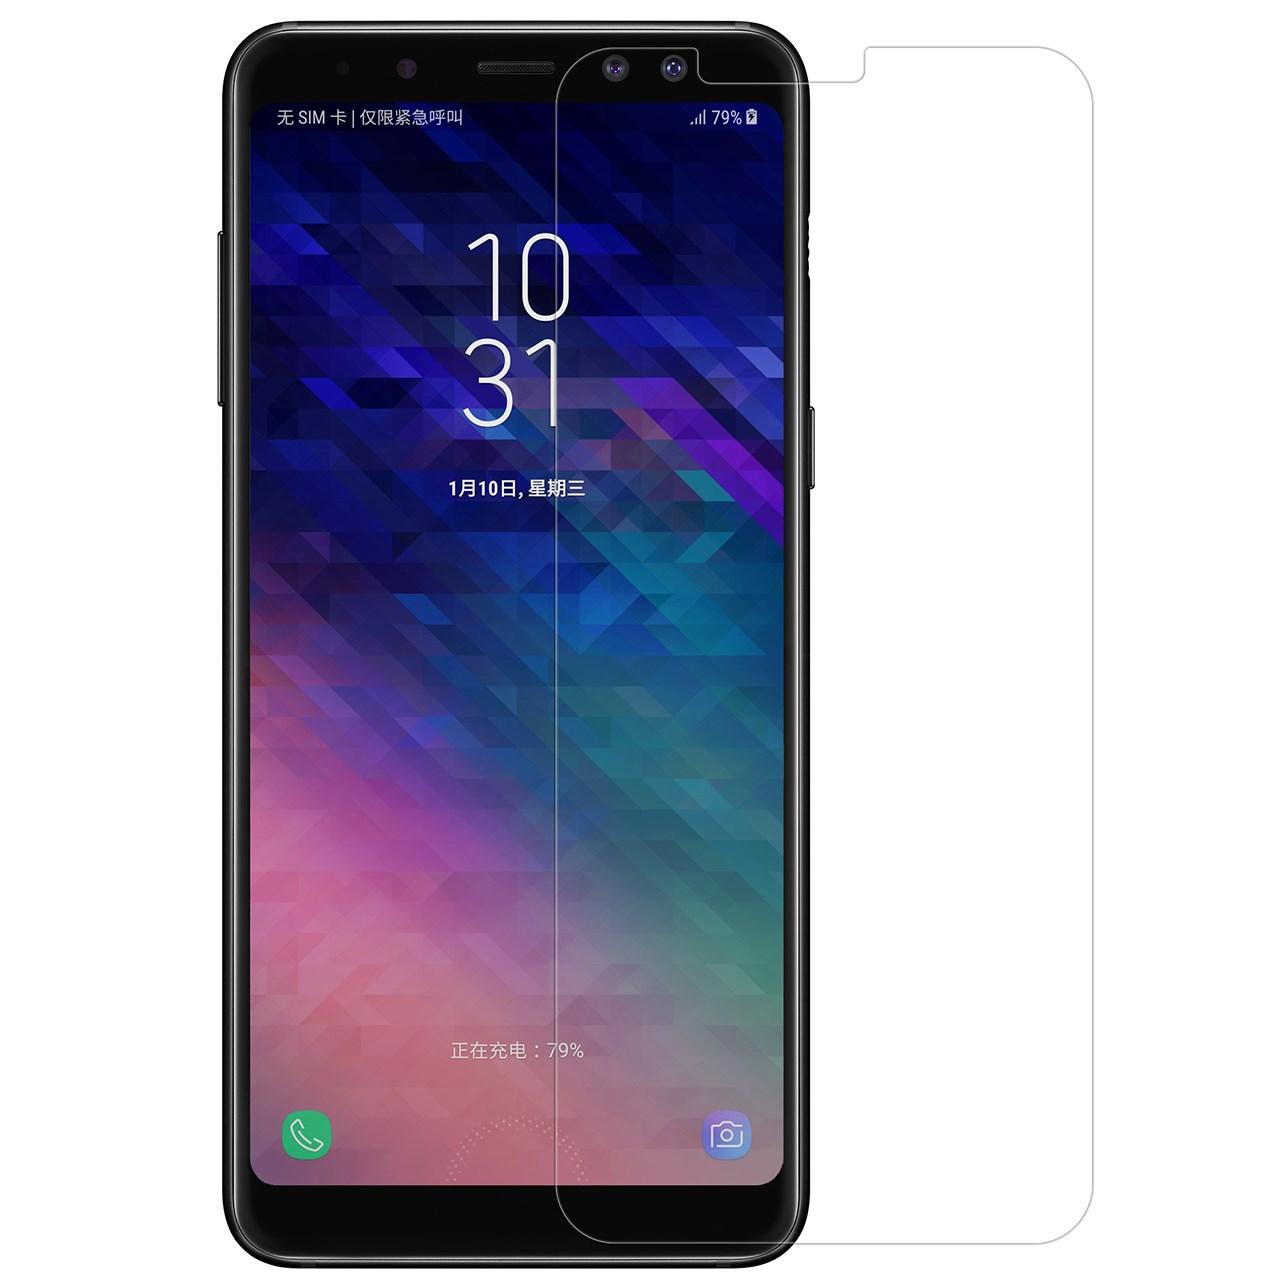 محافظ صفحه نمایش نیلکین مدل H plus Pro مناسب برای گوشی موبایل سامسونگ گلکسی A8 Plus 2018